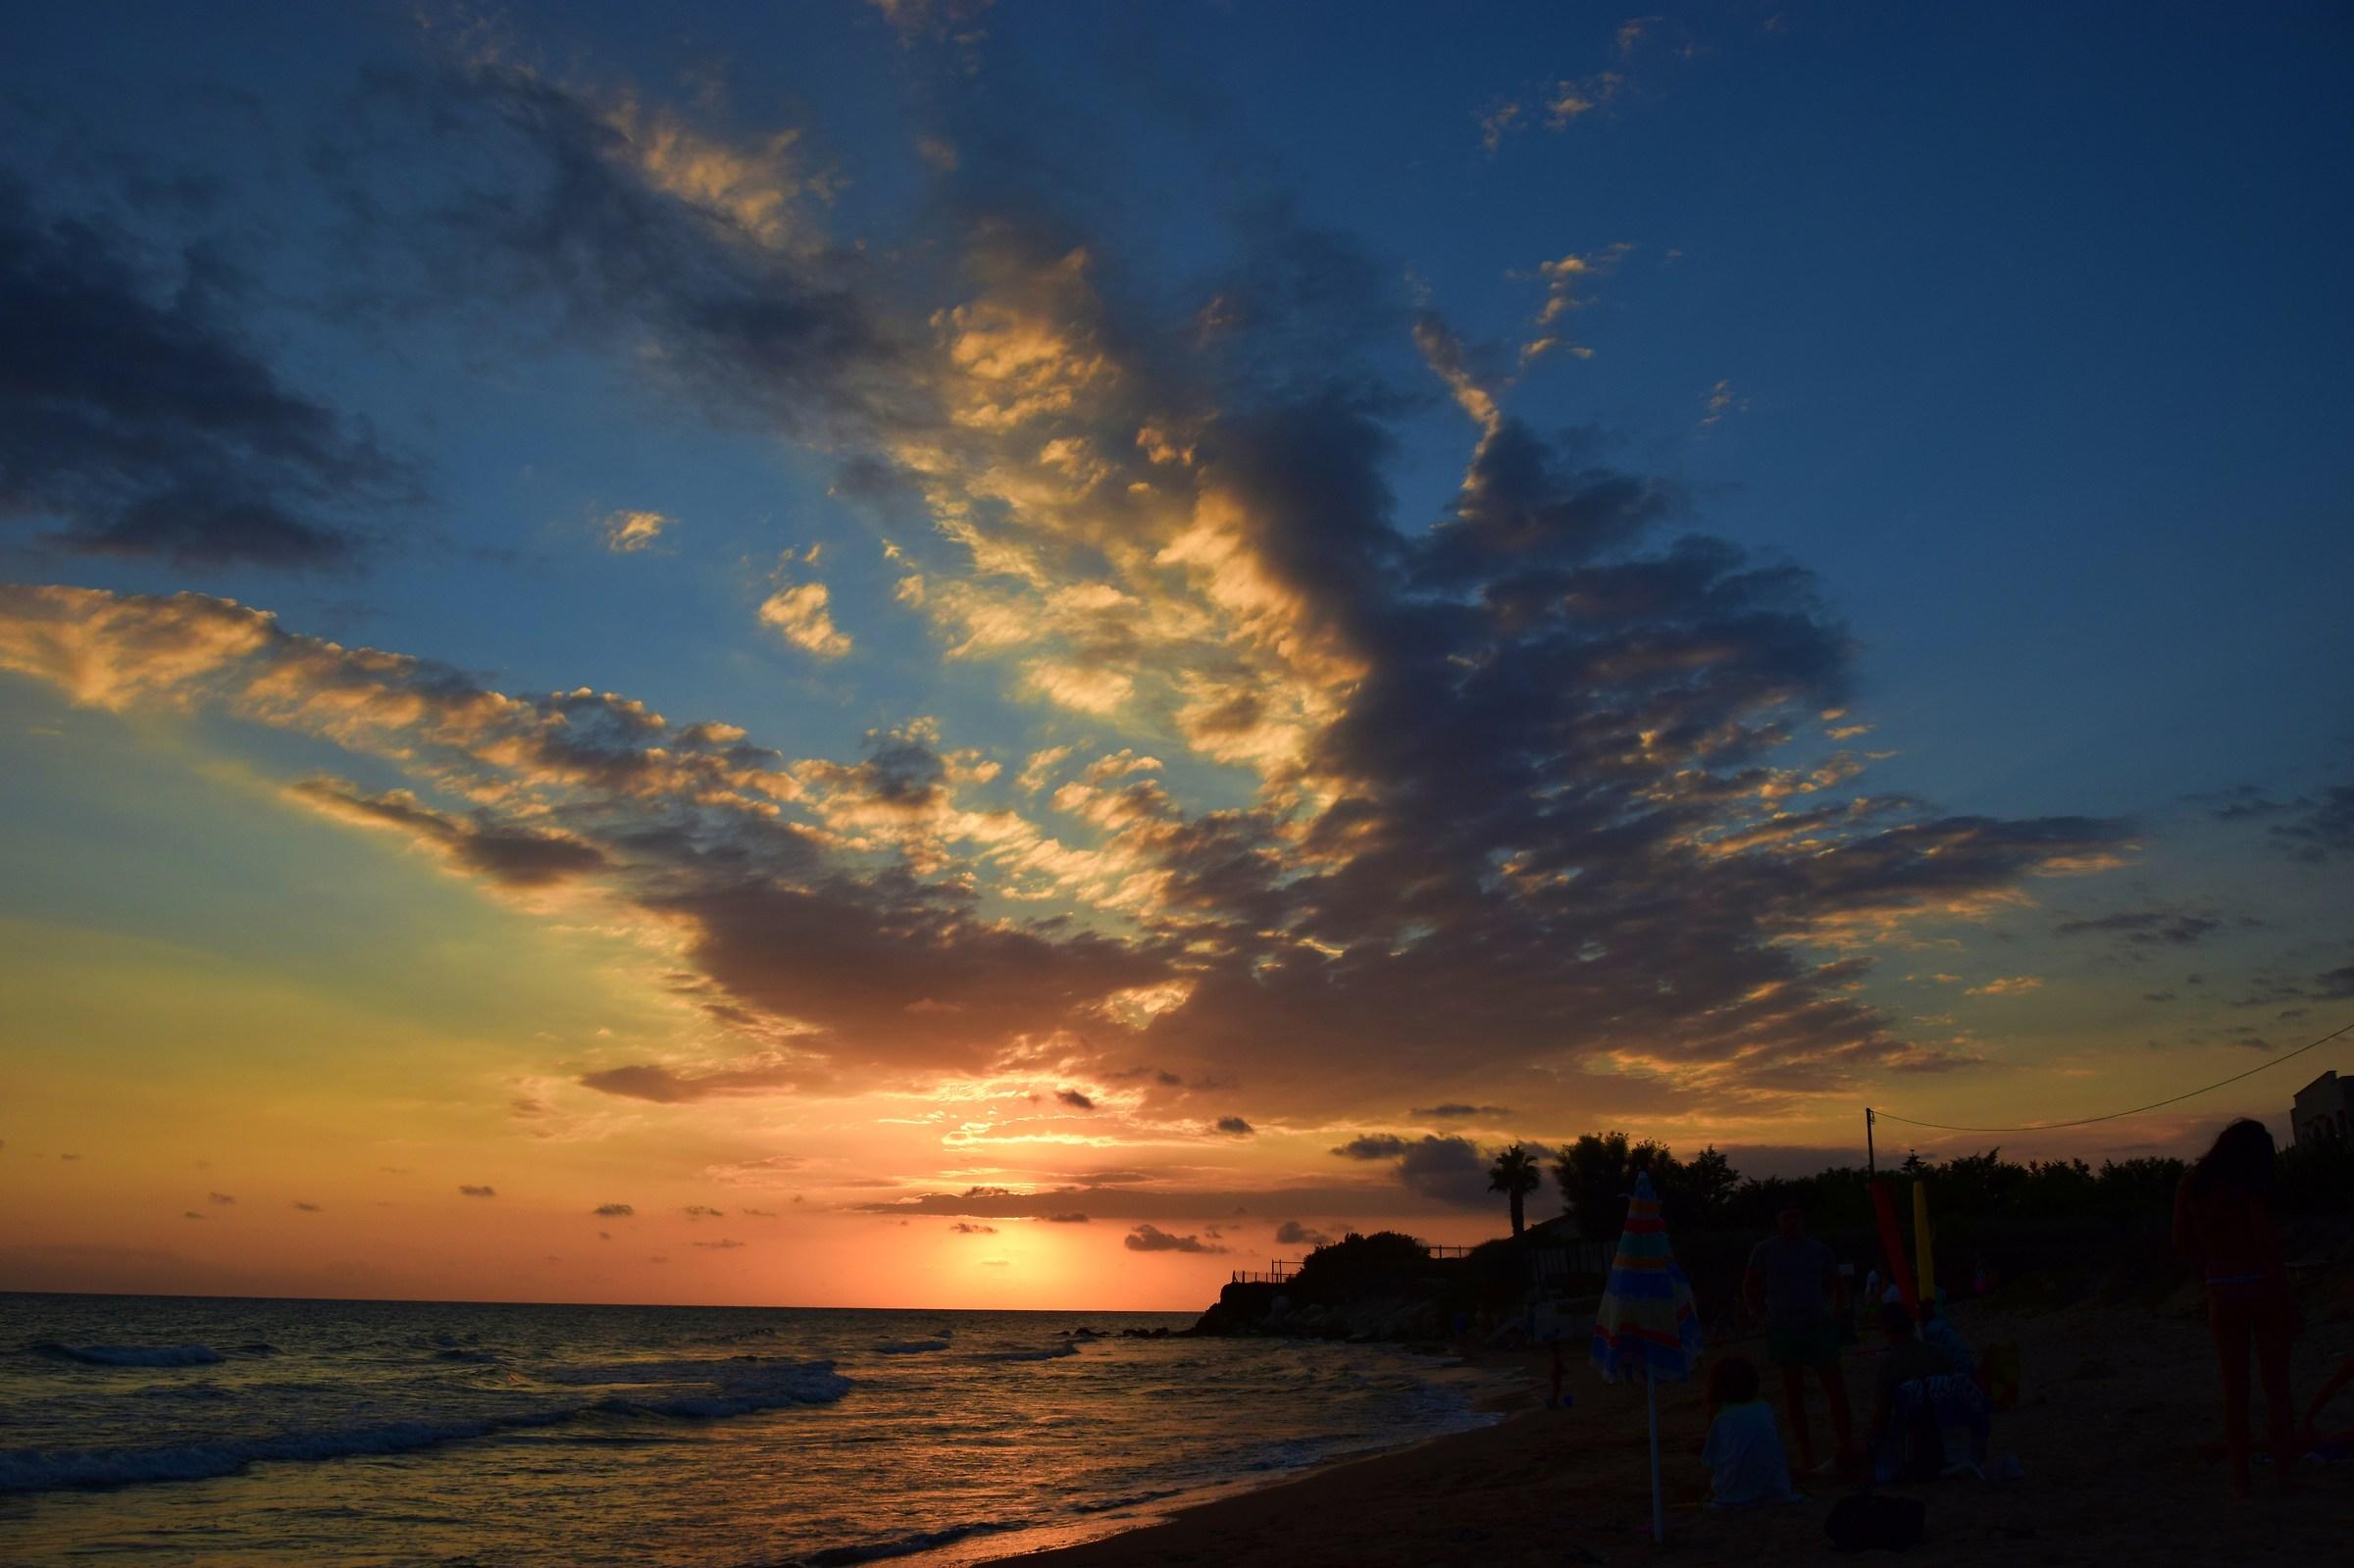 cromie_siciliane_a_Punta_Secca...